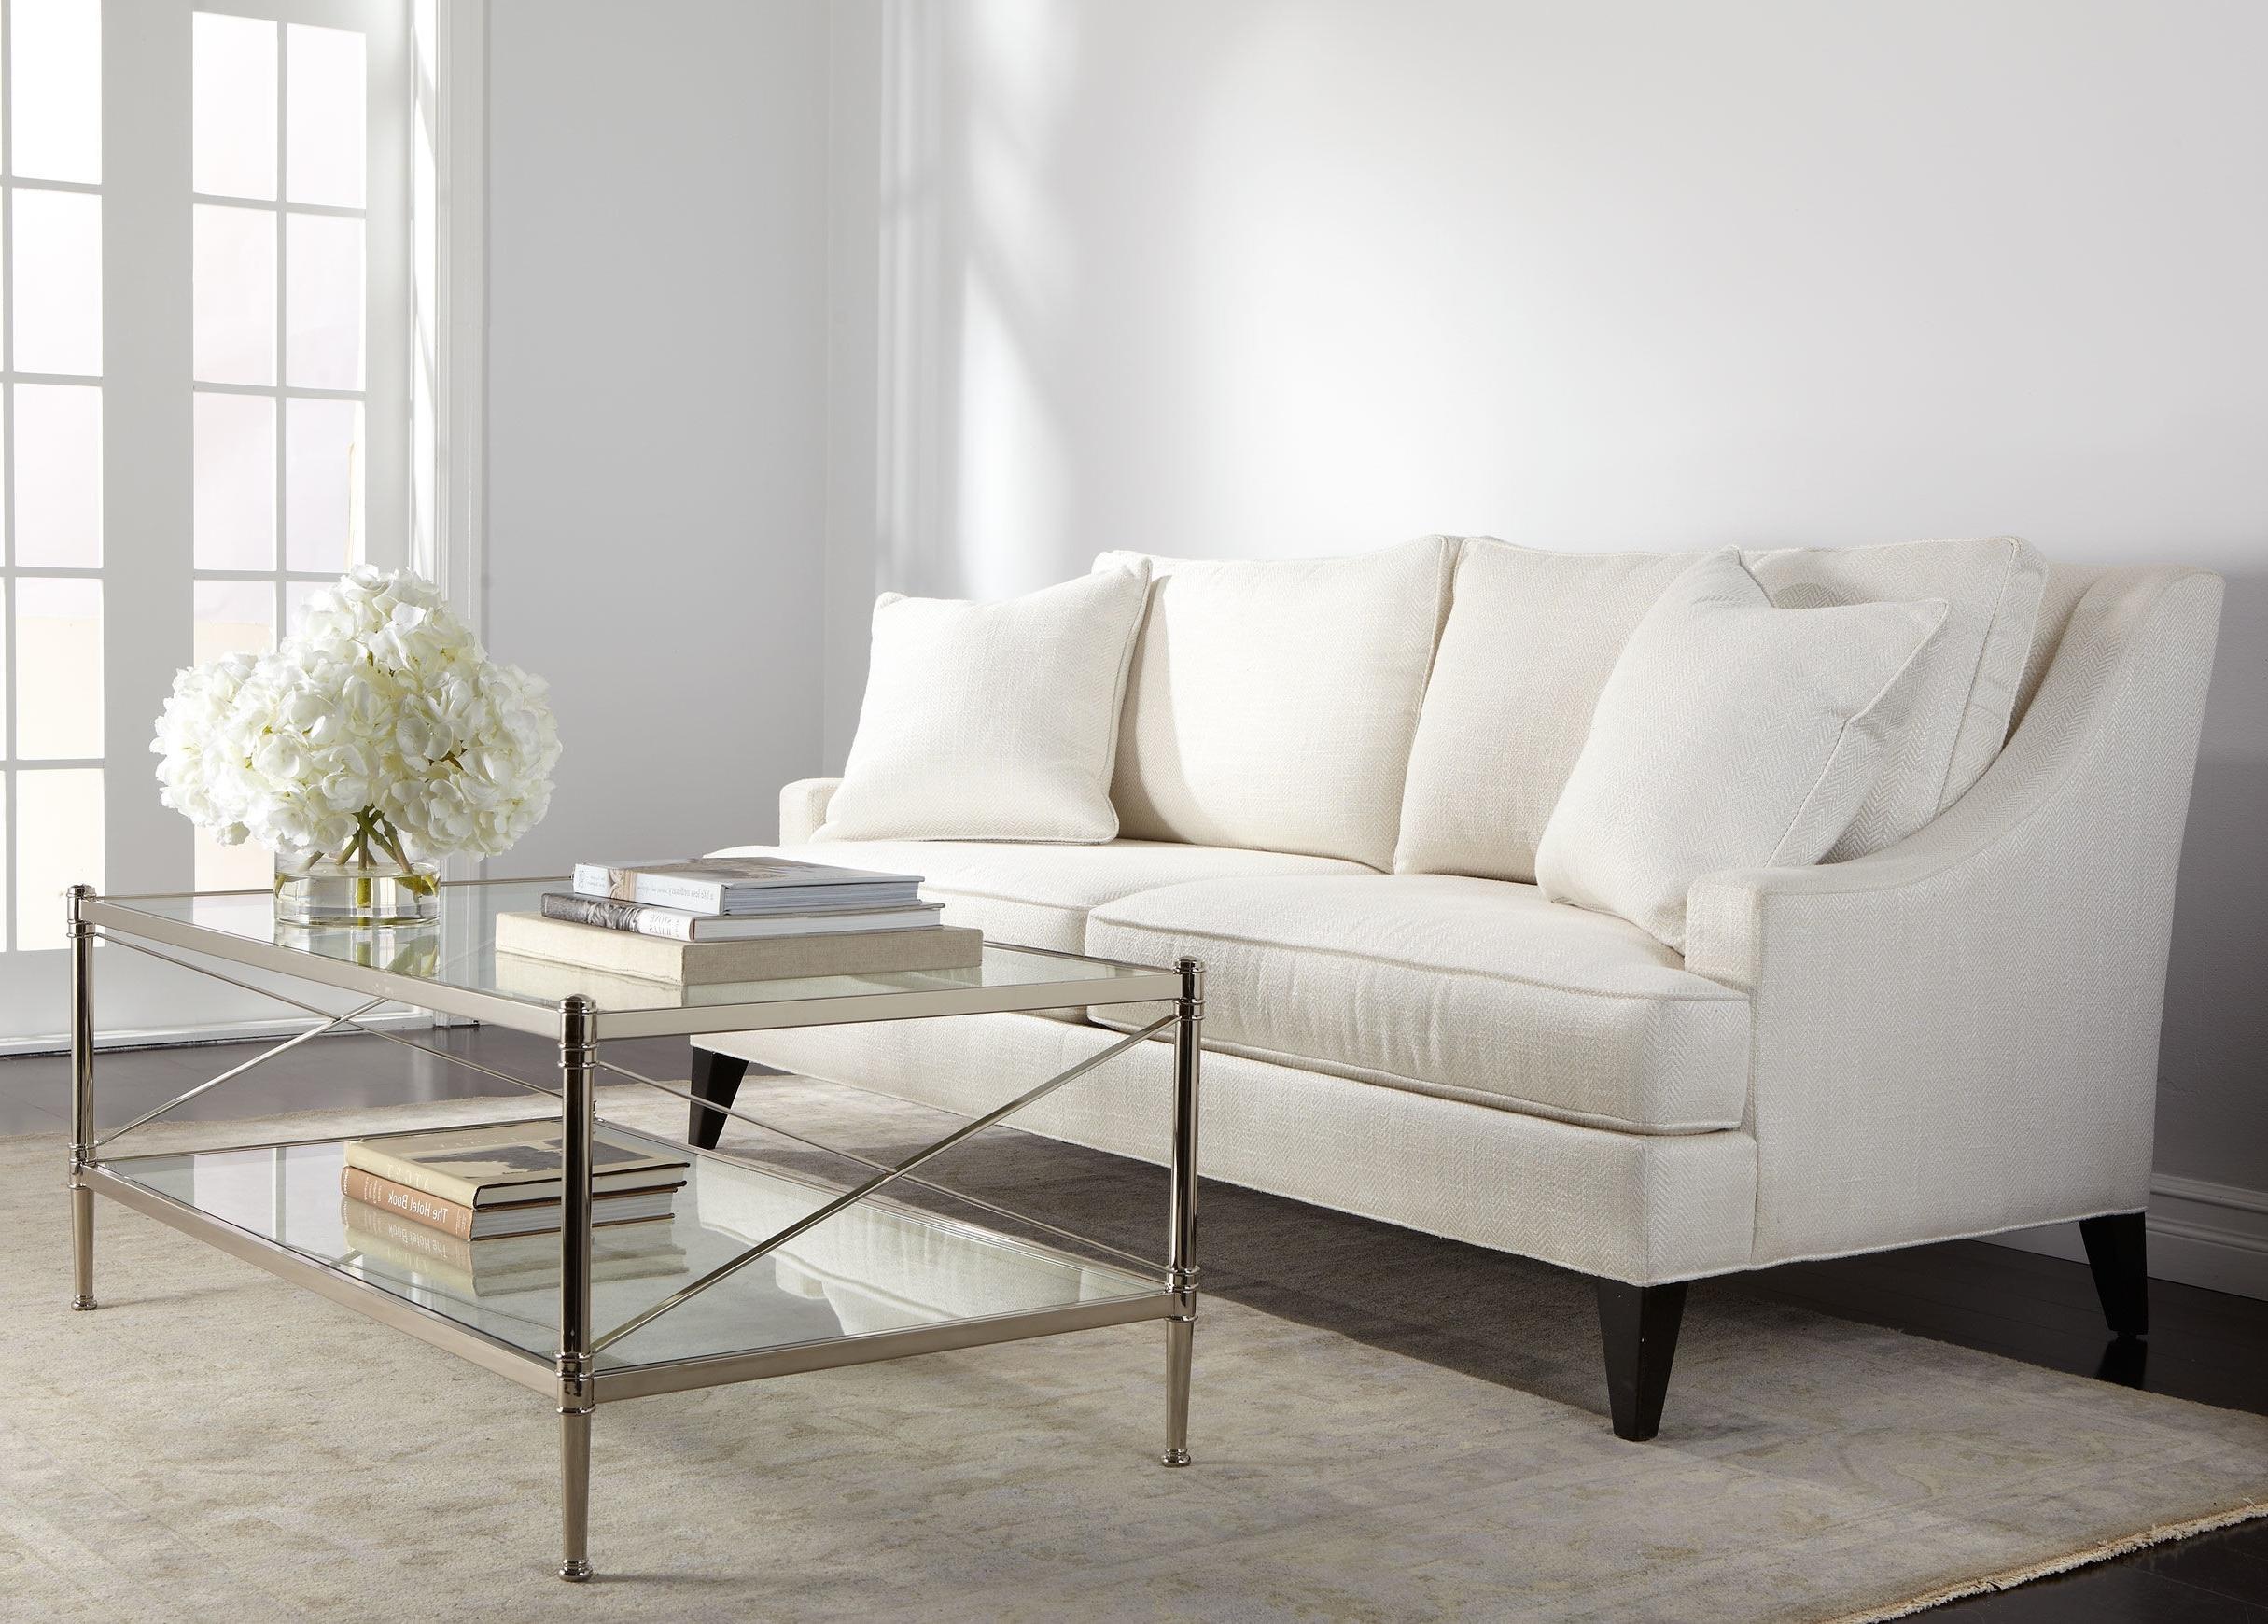 2018 Furniture : Ethan Allen Down Filled Sofa Elegant Best Ethan Allen Intended For Down Filled Sofas (View 6 of 15)